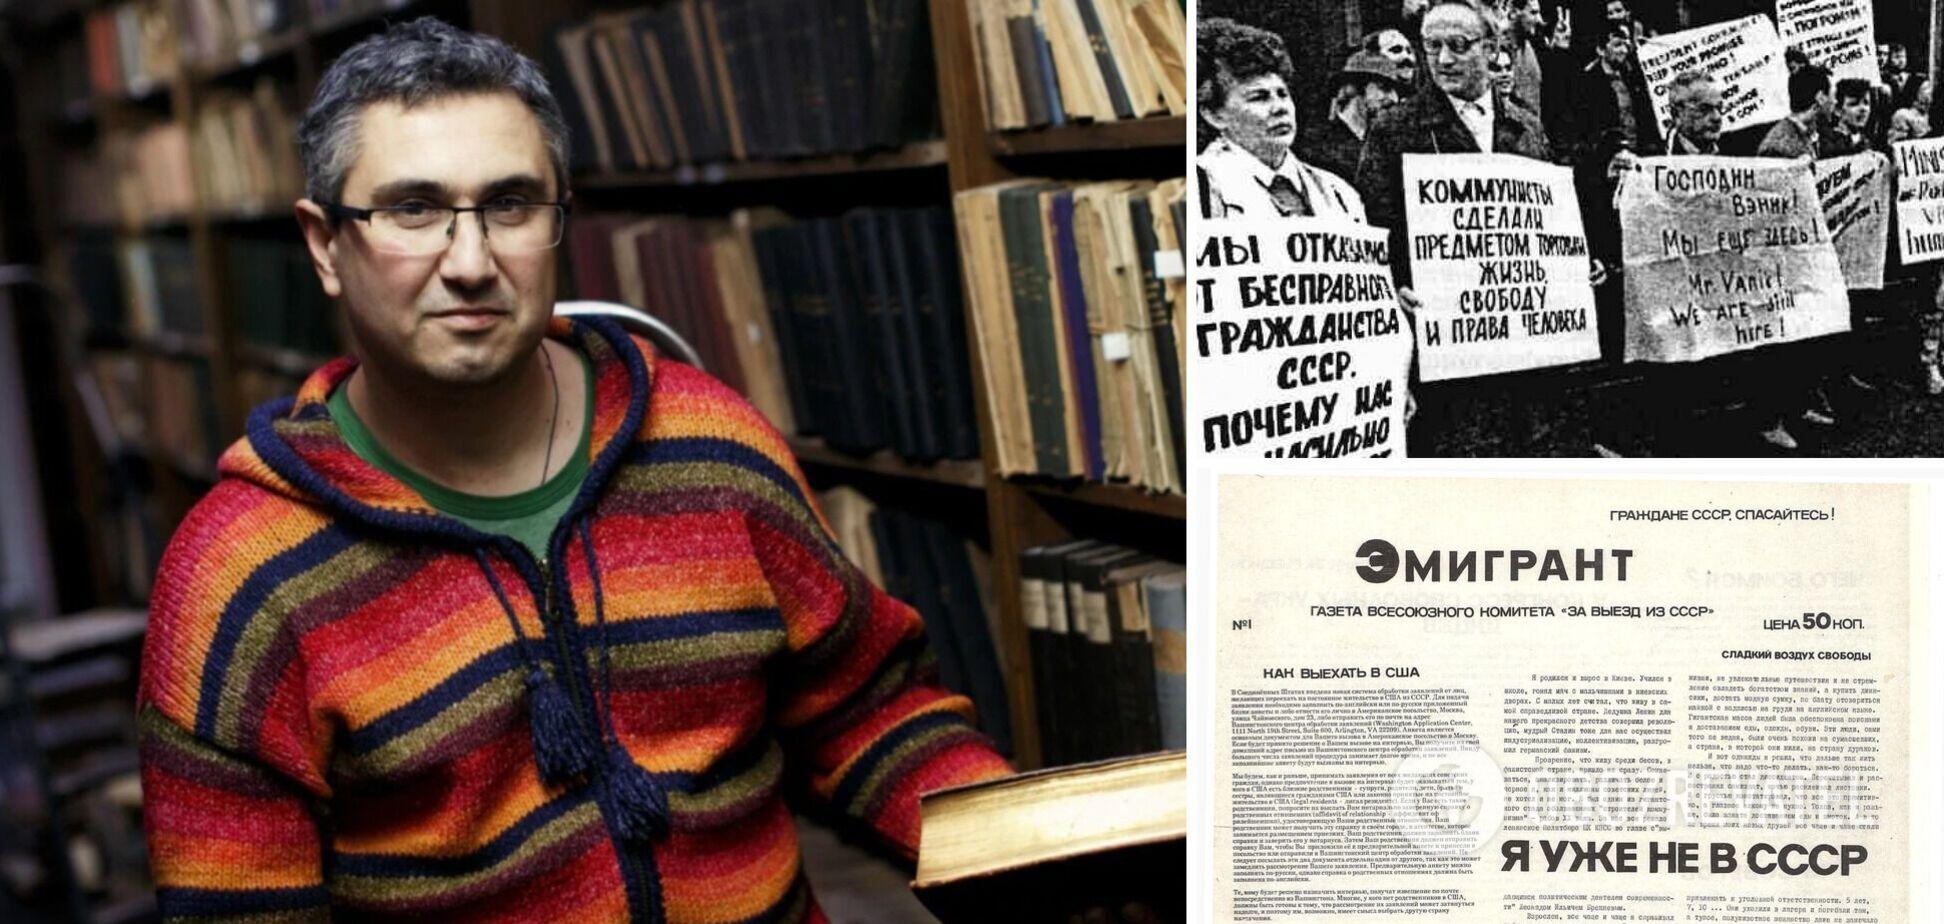 Історик Вахтанг Кіпіані розповів про еміграцію з СРСР